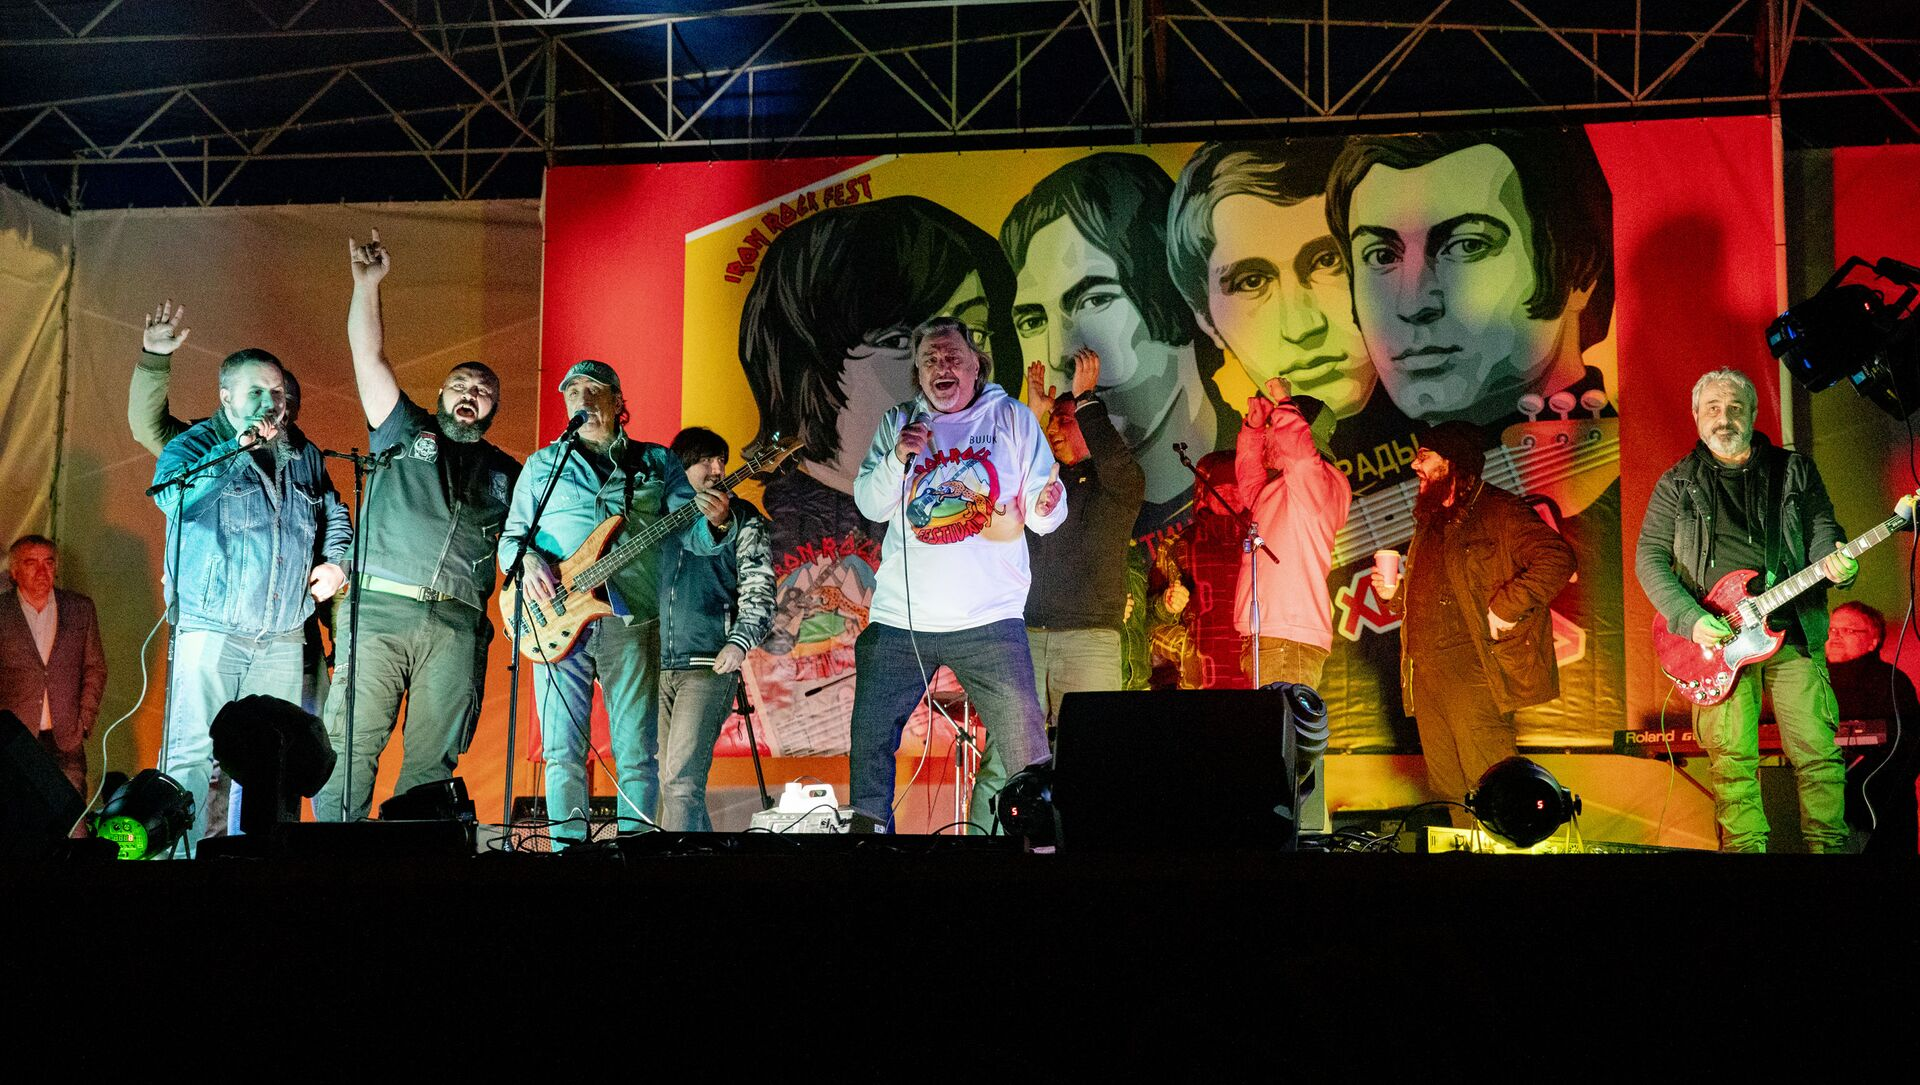 Фестиваль Ирон рок в Цхинвале - Sputnik Южная Осетия, 1920, 10.10.2021